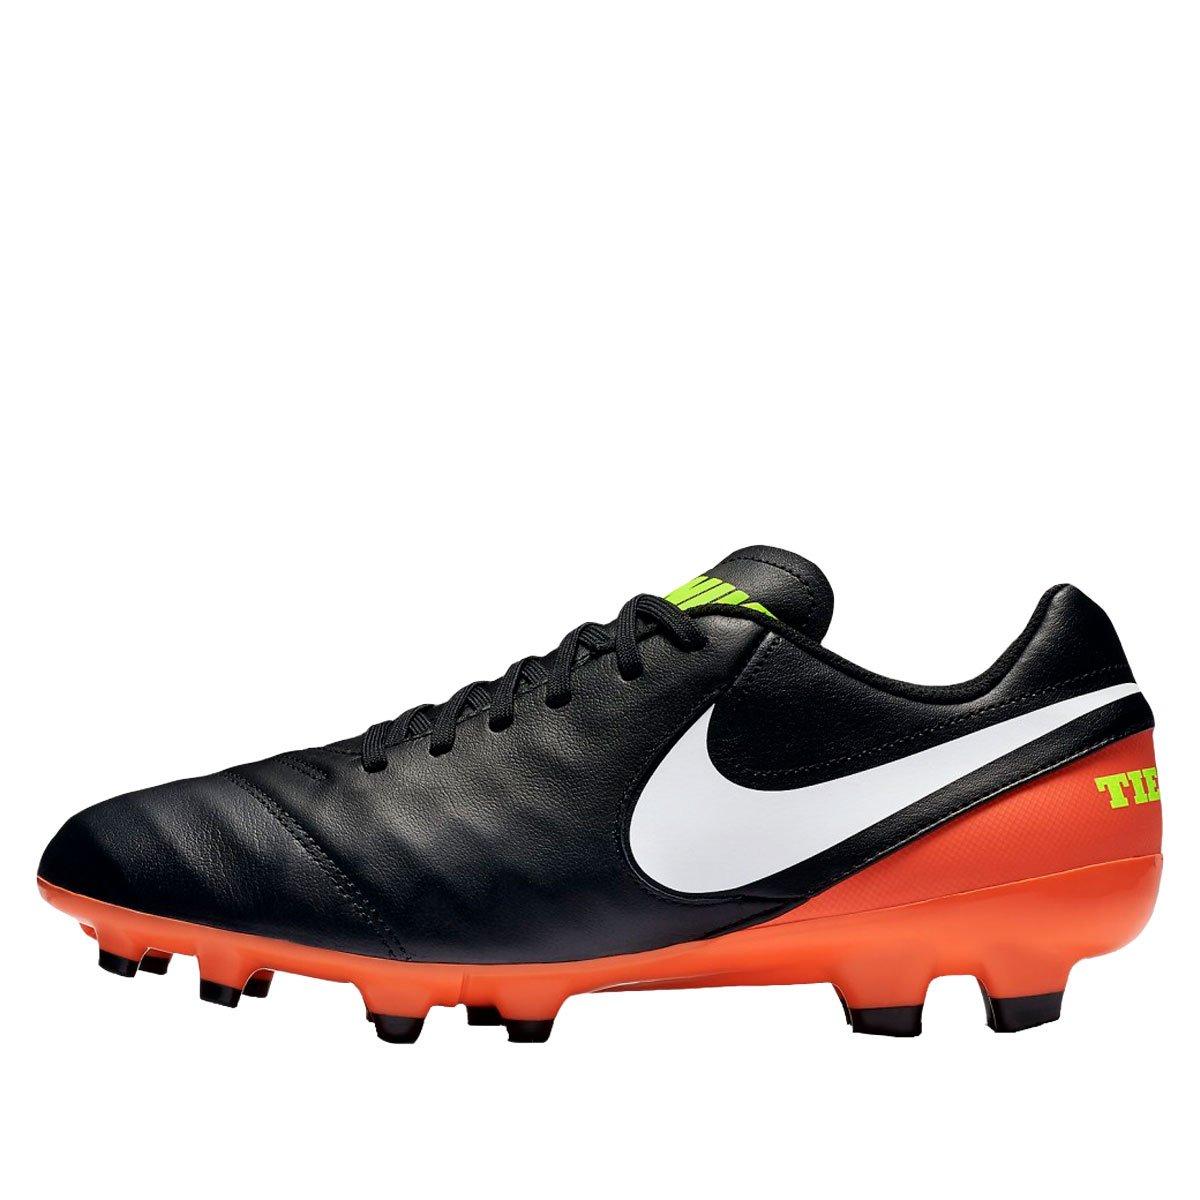 e133a1c7c Bizz Store - Chuteira Futebol de Campo Nike Tiempo Genio II